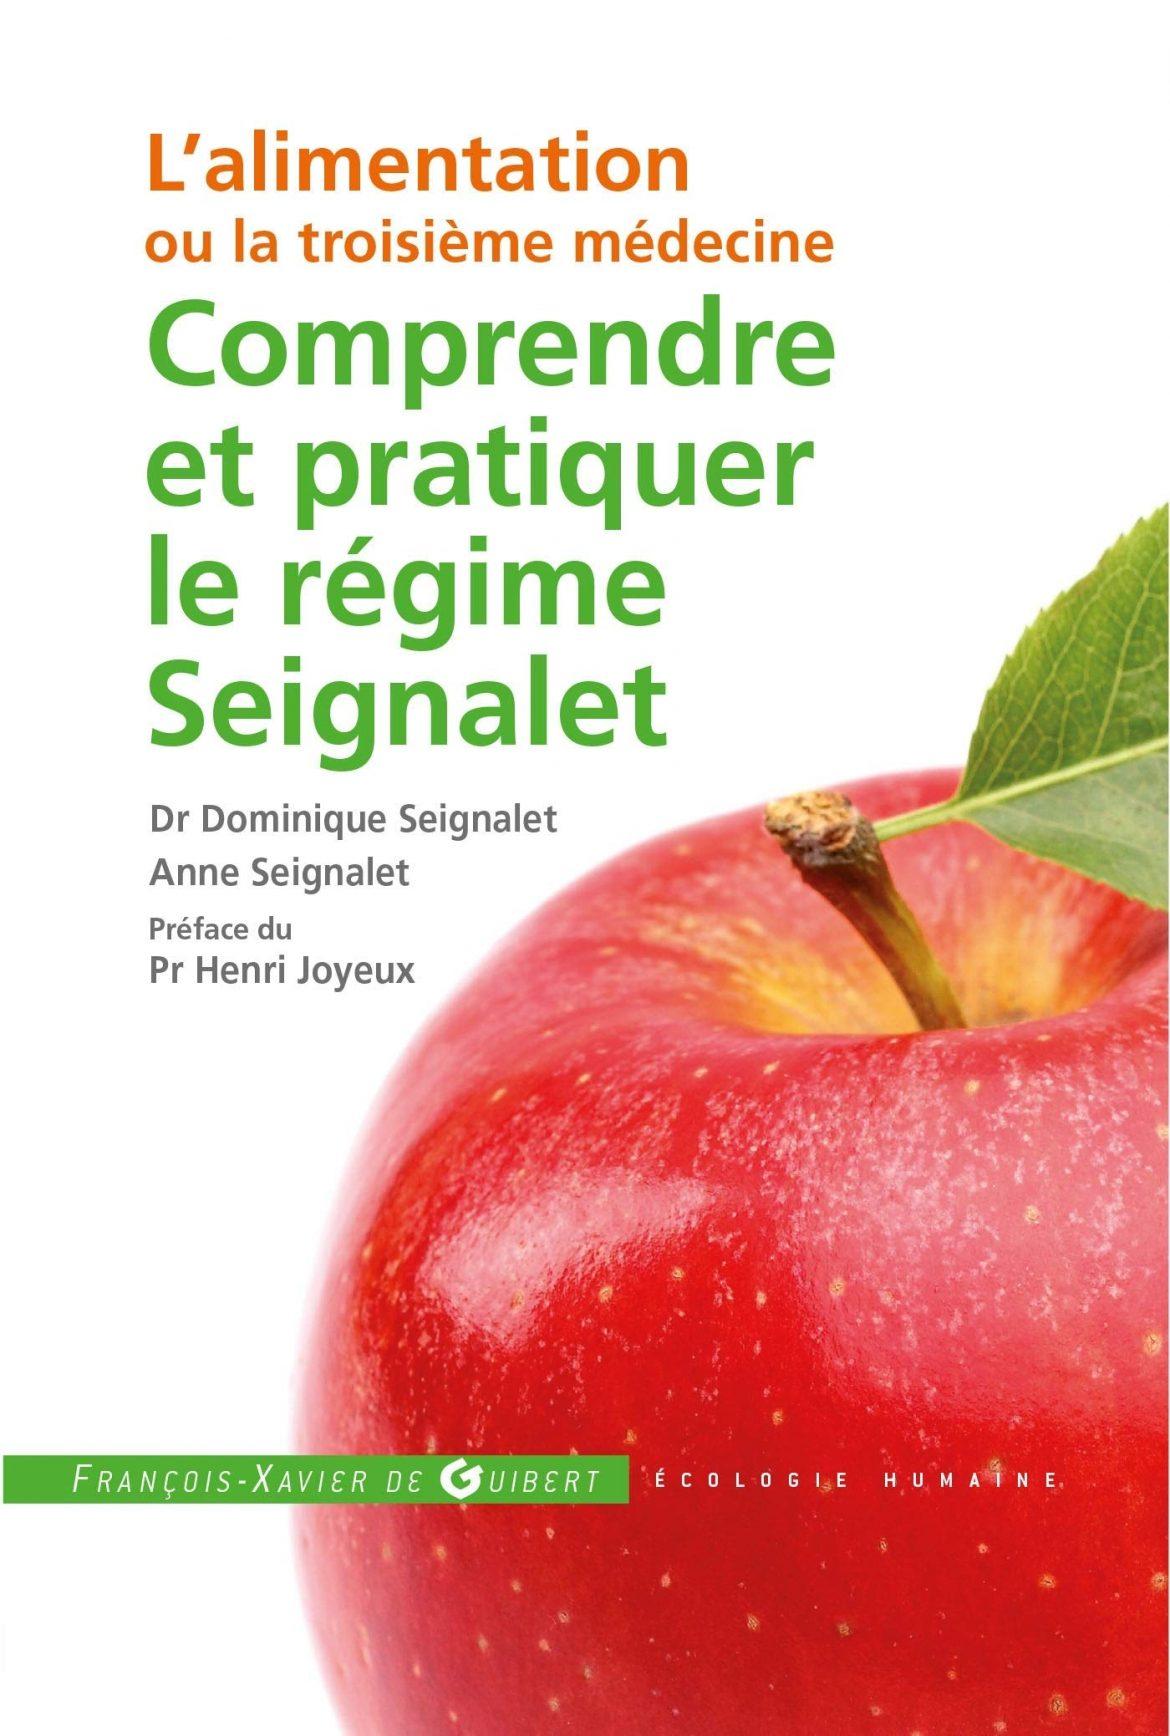 Le régime Seignalet avec Dominique Seignalet